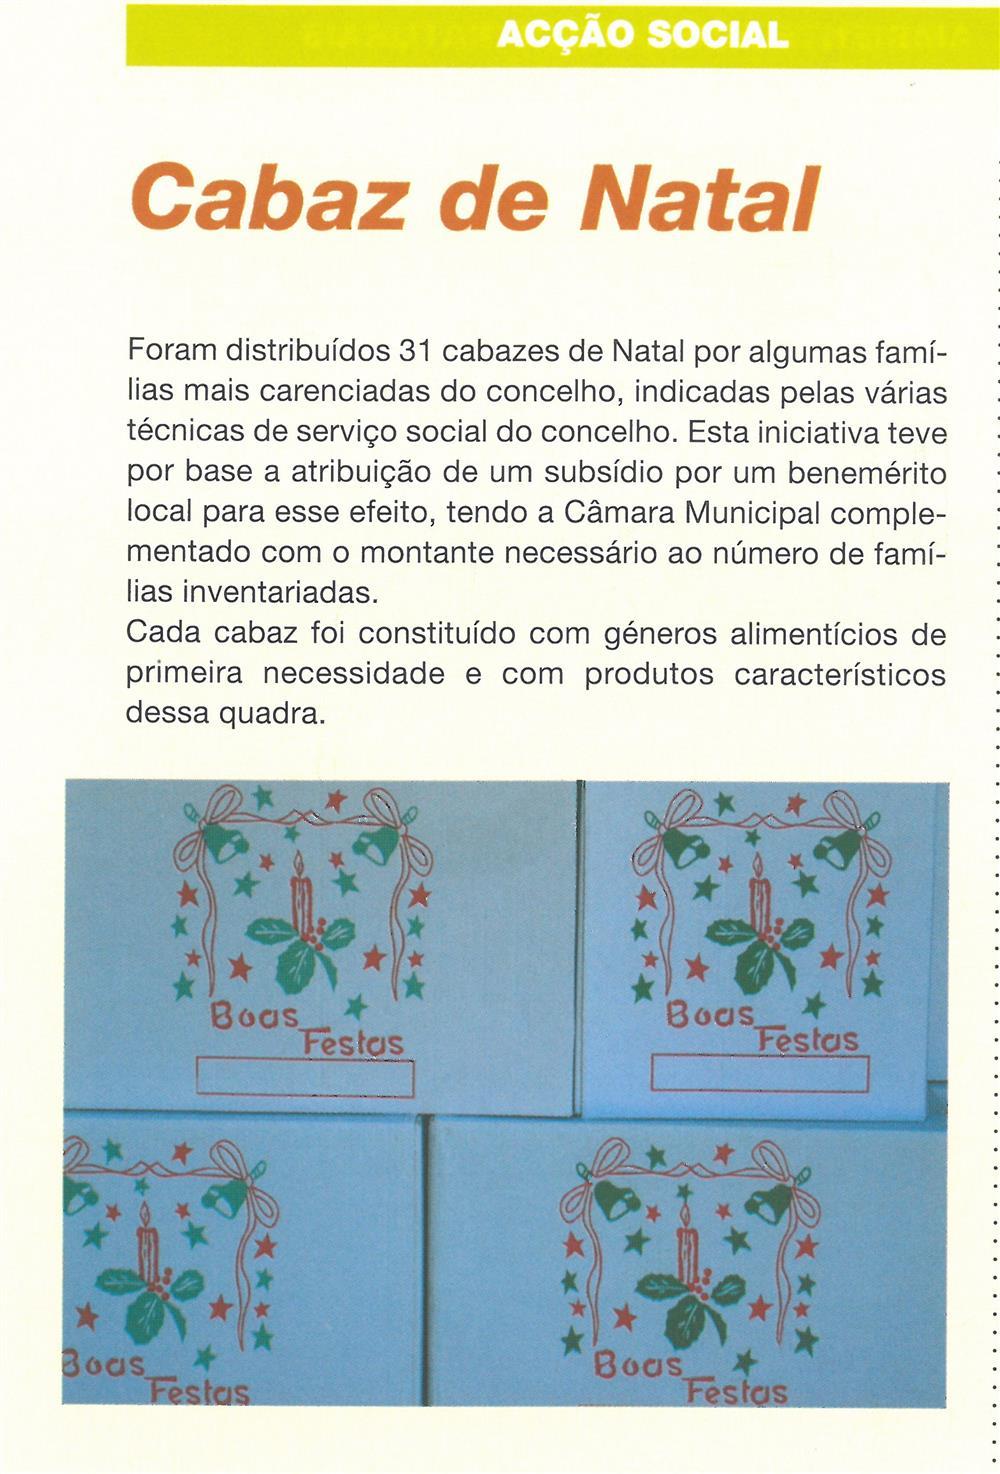 BoletimMunicipal-n.º 21-mar.'07-p.62-Ação social - cabaz de Natal.jpg